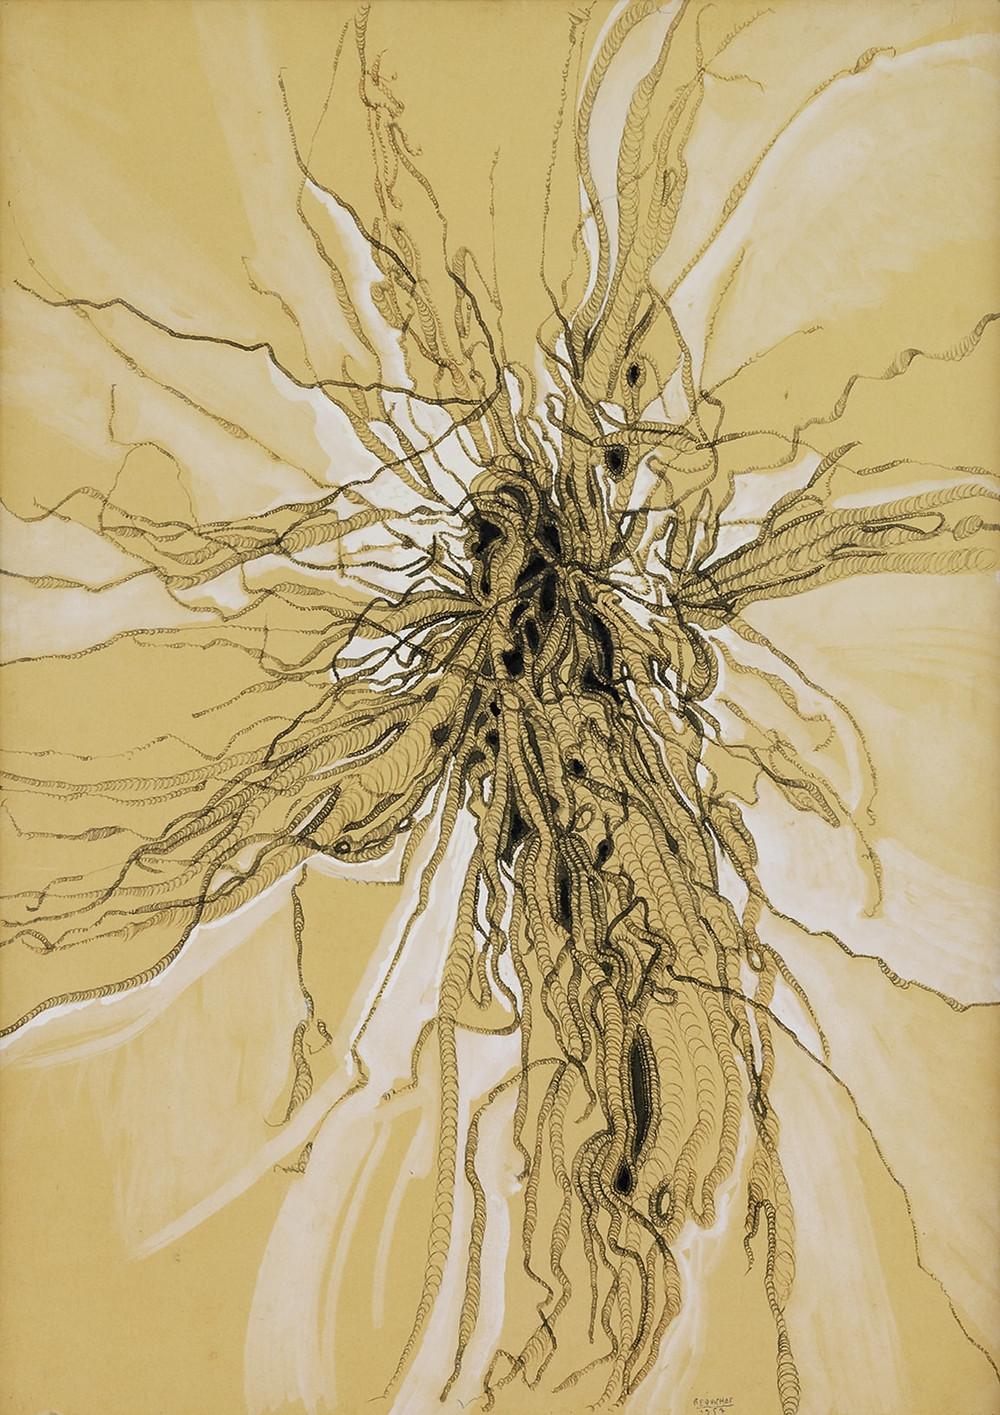 Dessin de spirales à l'encre à la plume de l'artiste Bernard Réquichot